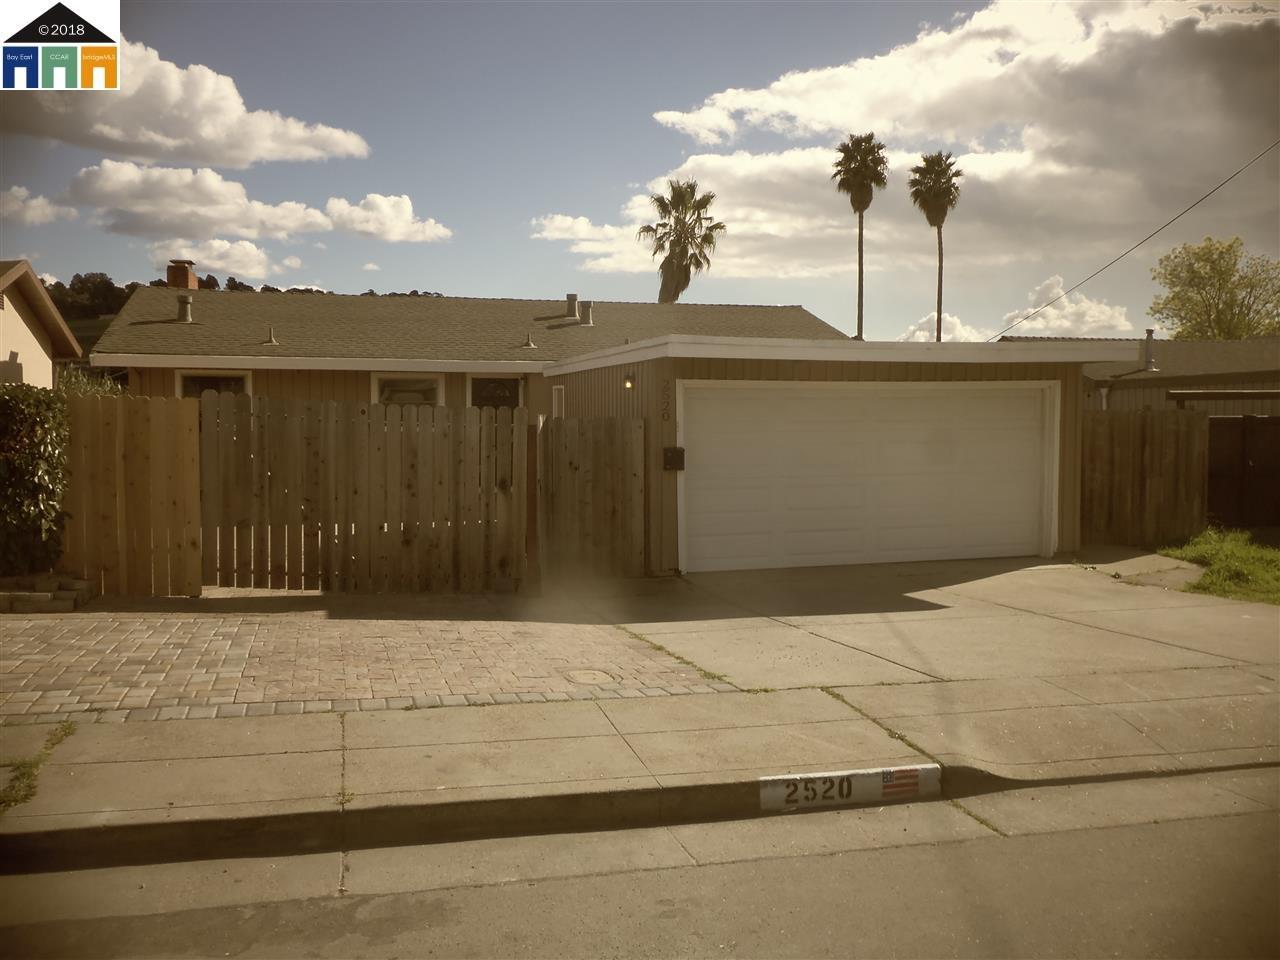 Casa Unifamiliar por un Venta en 2520 Moyers Road 2520 Moyers Road Richmond, California 94806 Estados Unidos